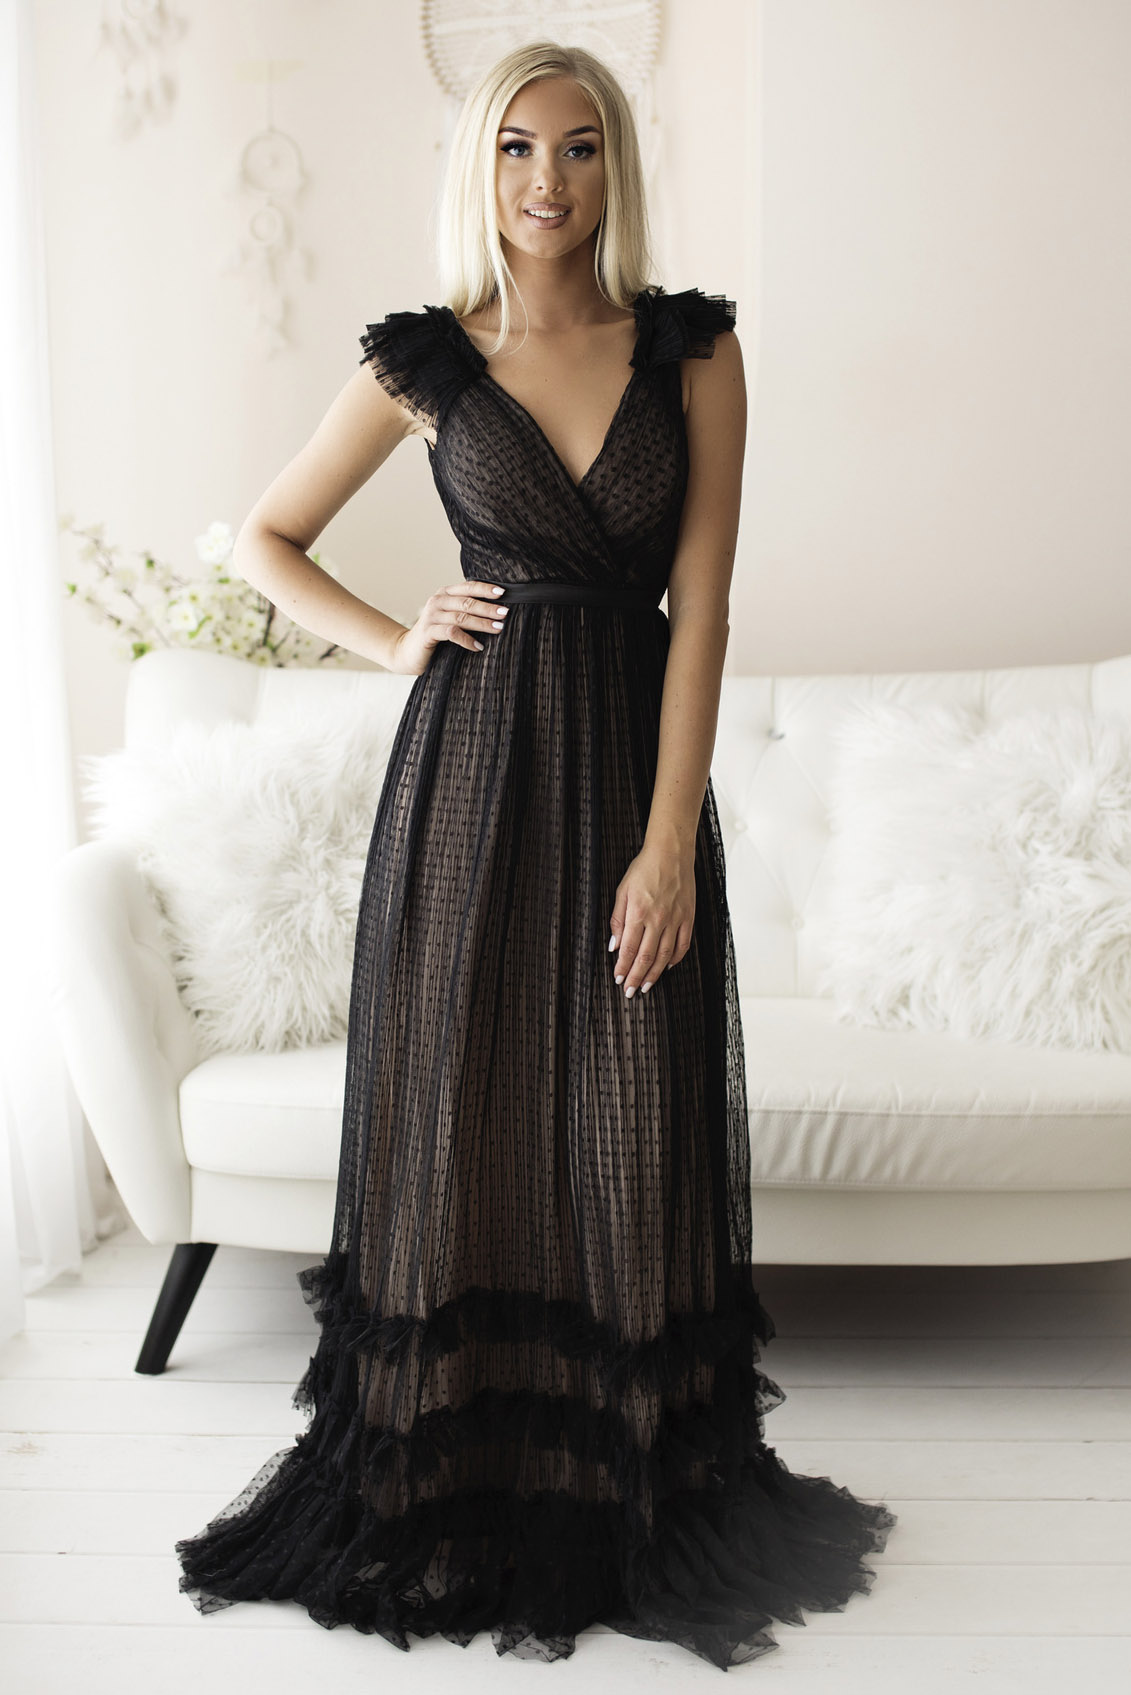 SENAT DIGNIFIED must kleit